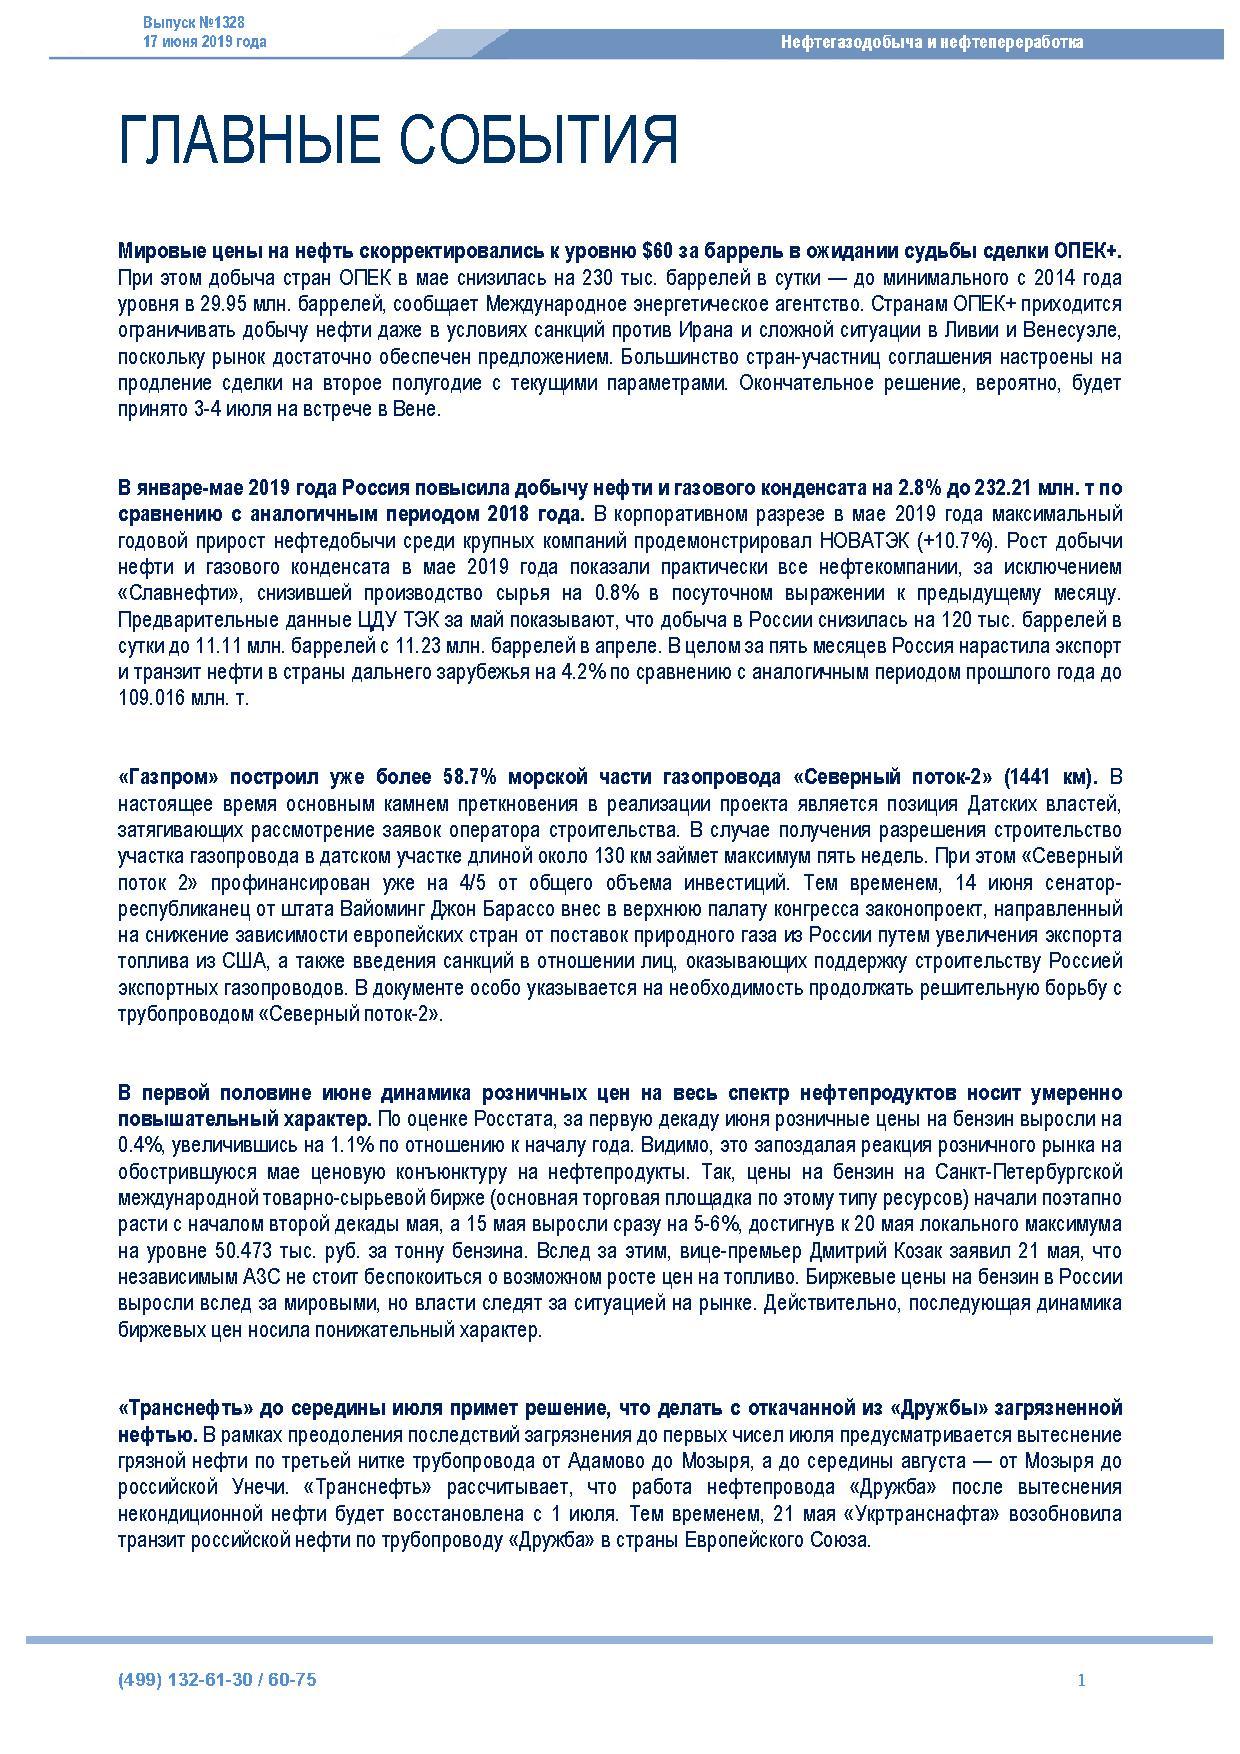 №1328 Нефтегазодобыча и нефтепереработка